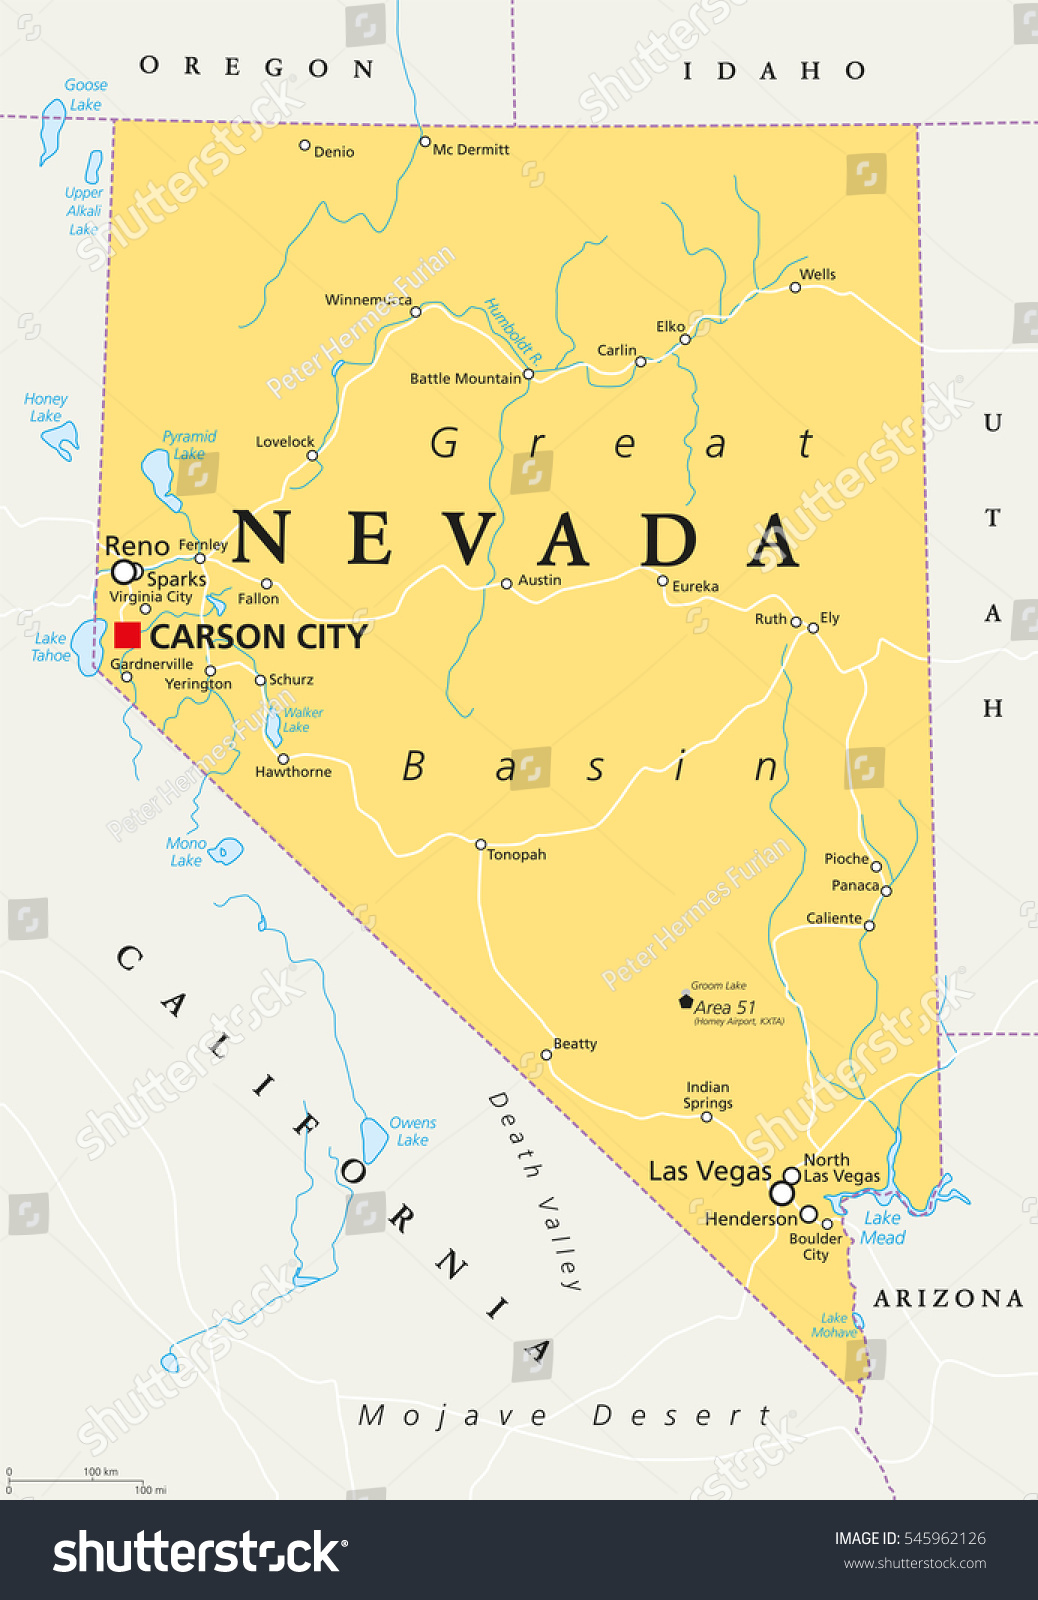 Nevada Maps Las Vegas Nevada Maps Official Site